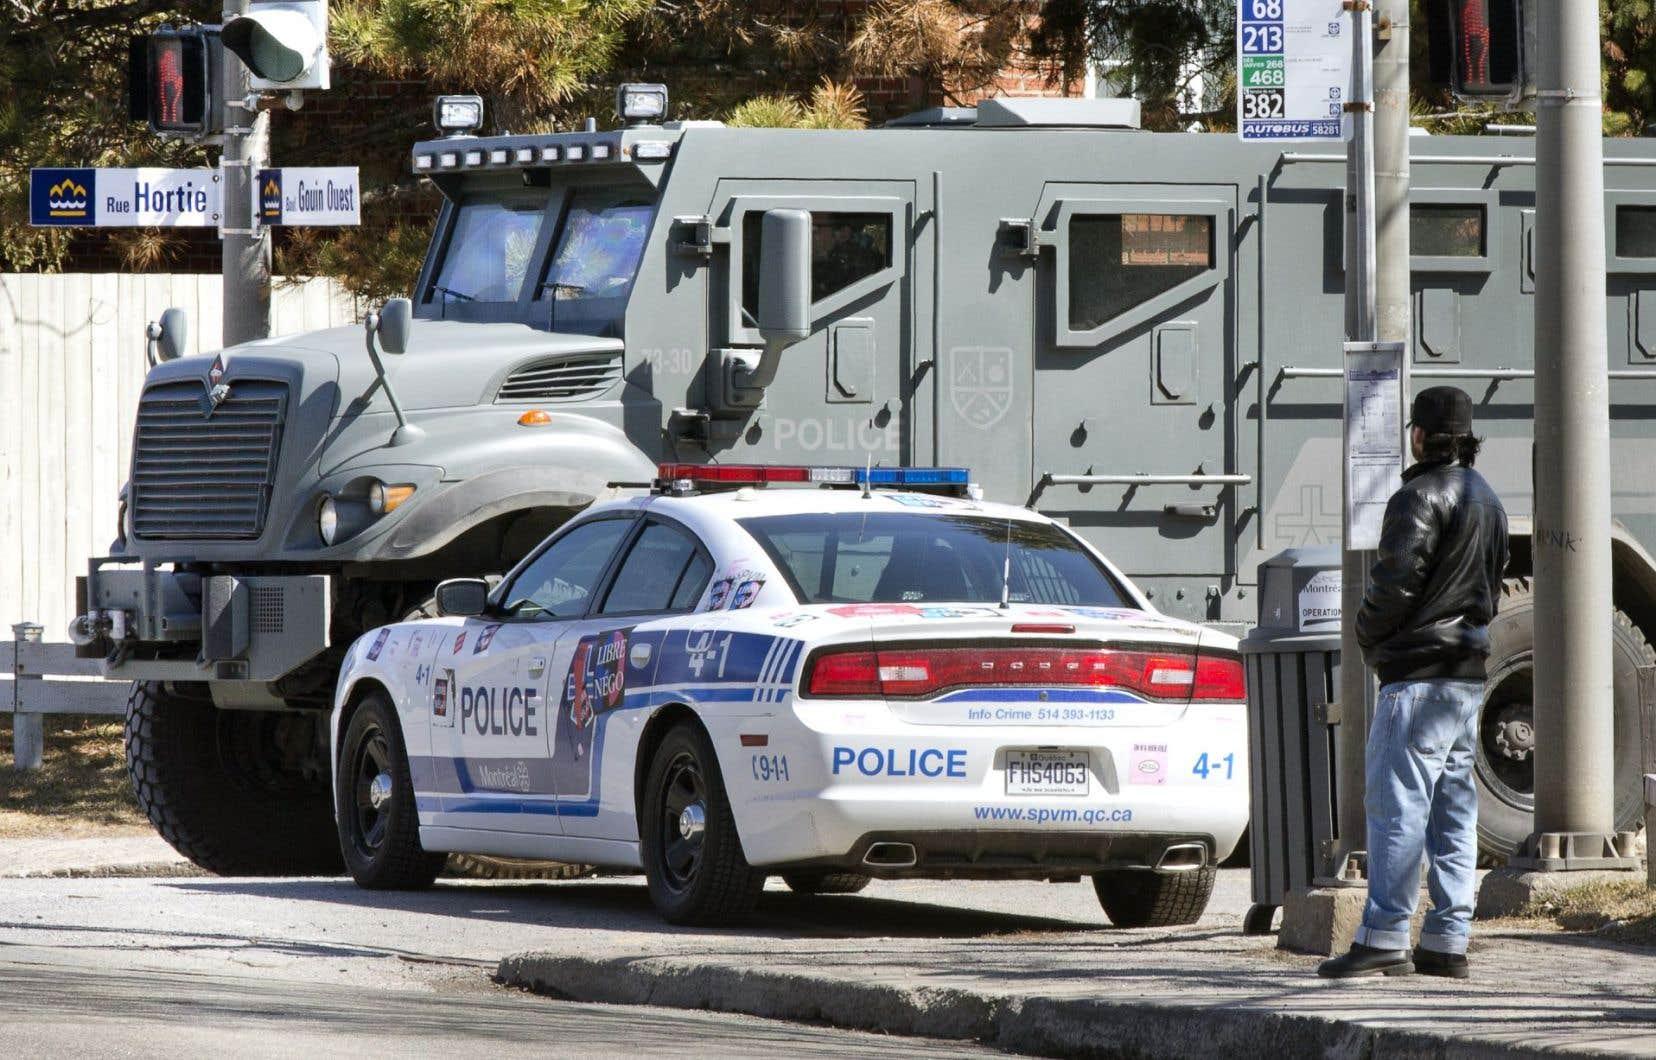 L'opération policière menée mardi dans l'arrondissement Pierrefonds-Roxboro a entraîné l'évacuation de quelque 200 résidants à proximité de la demeure de la famille Elabi.